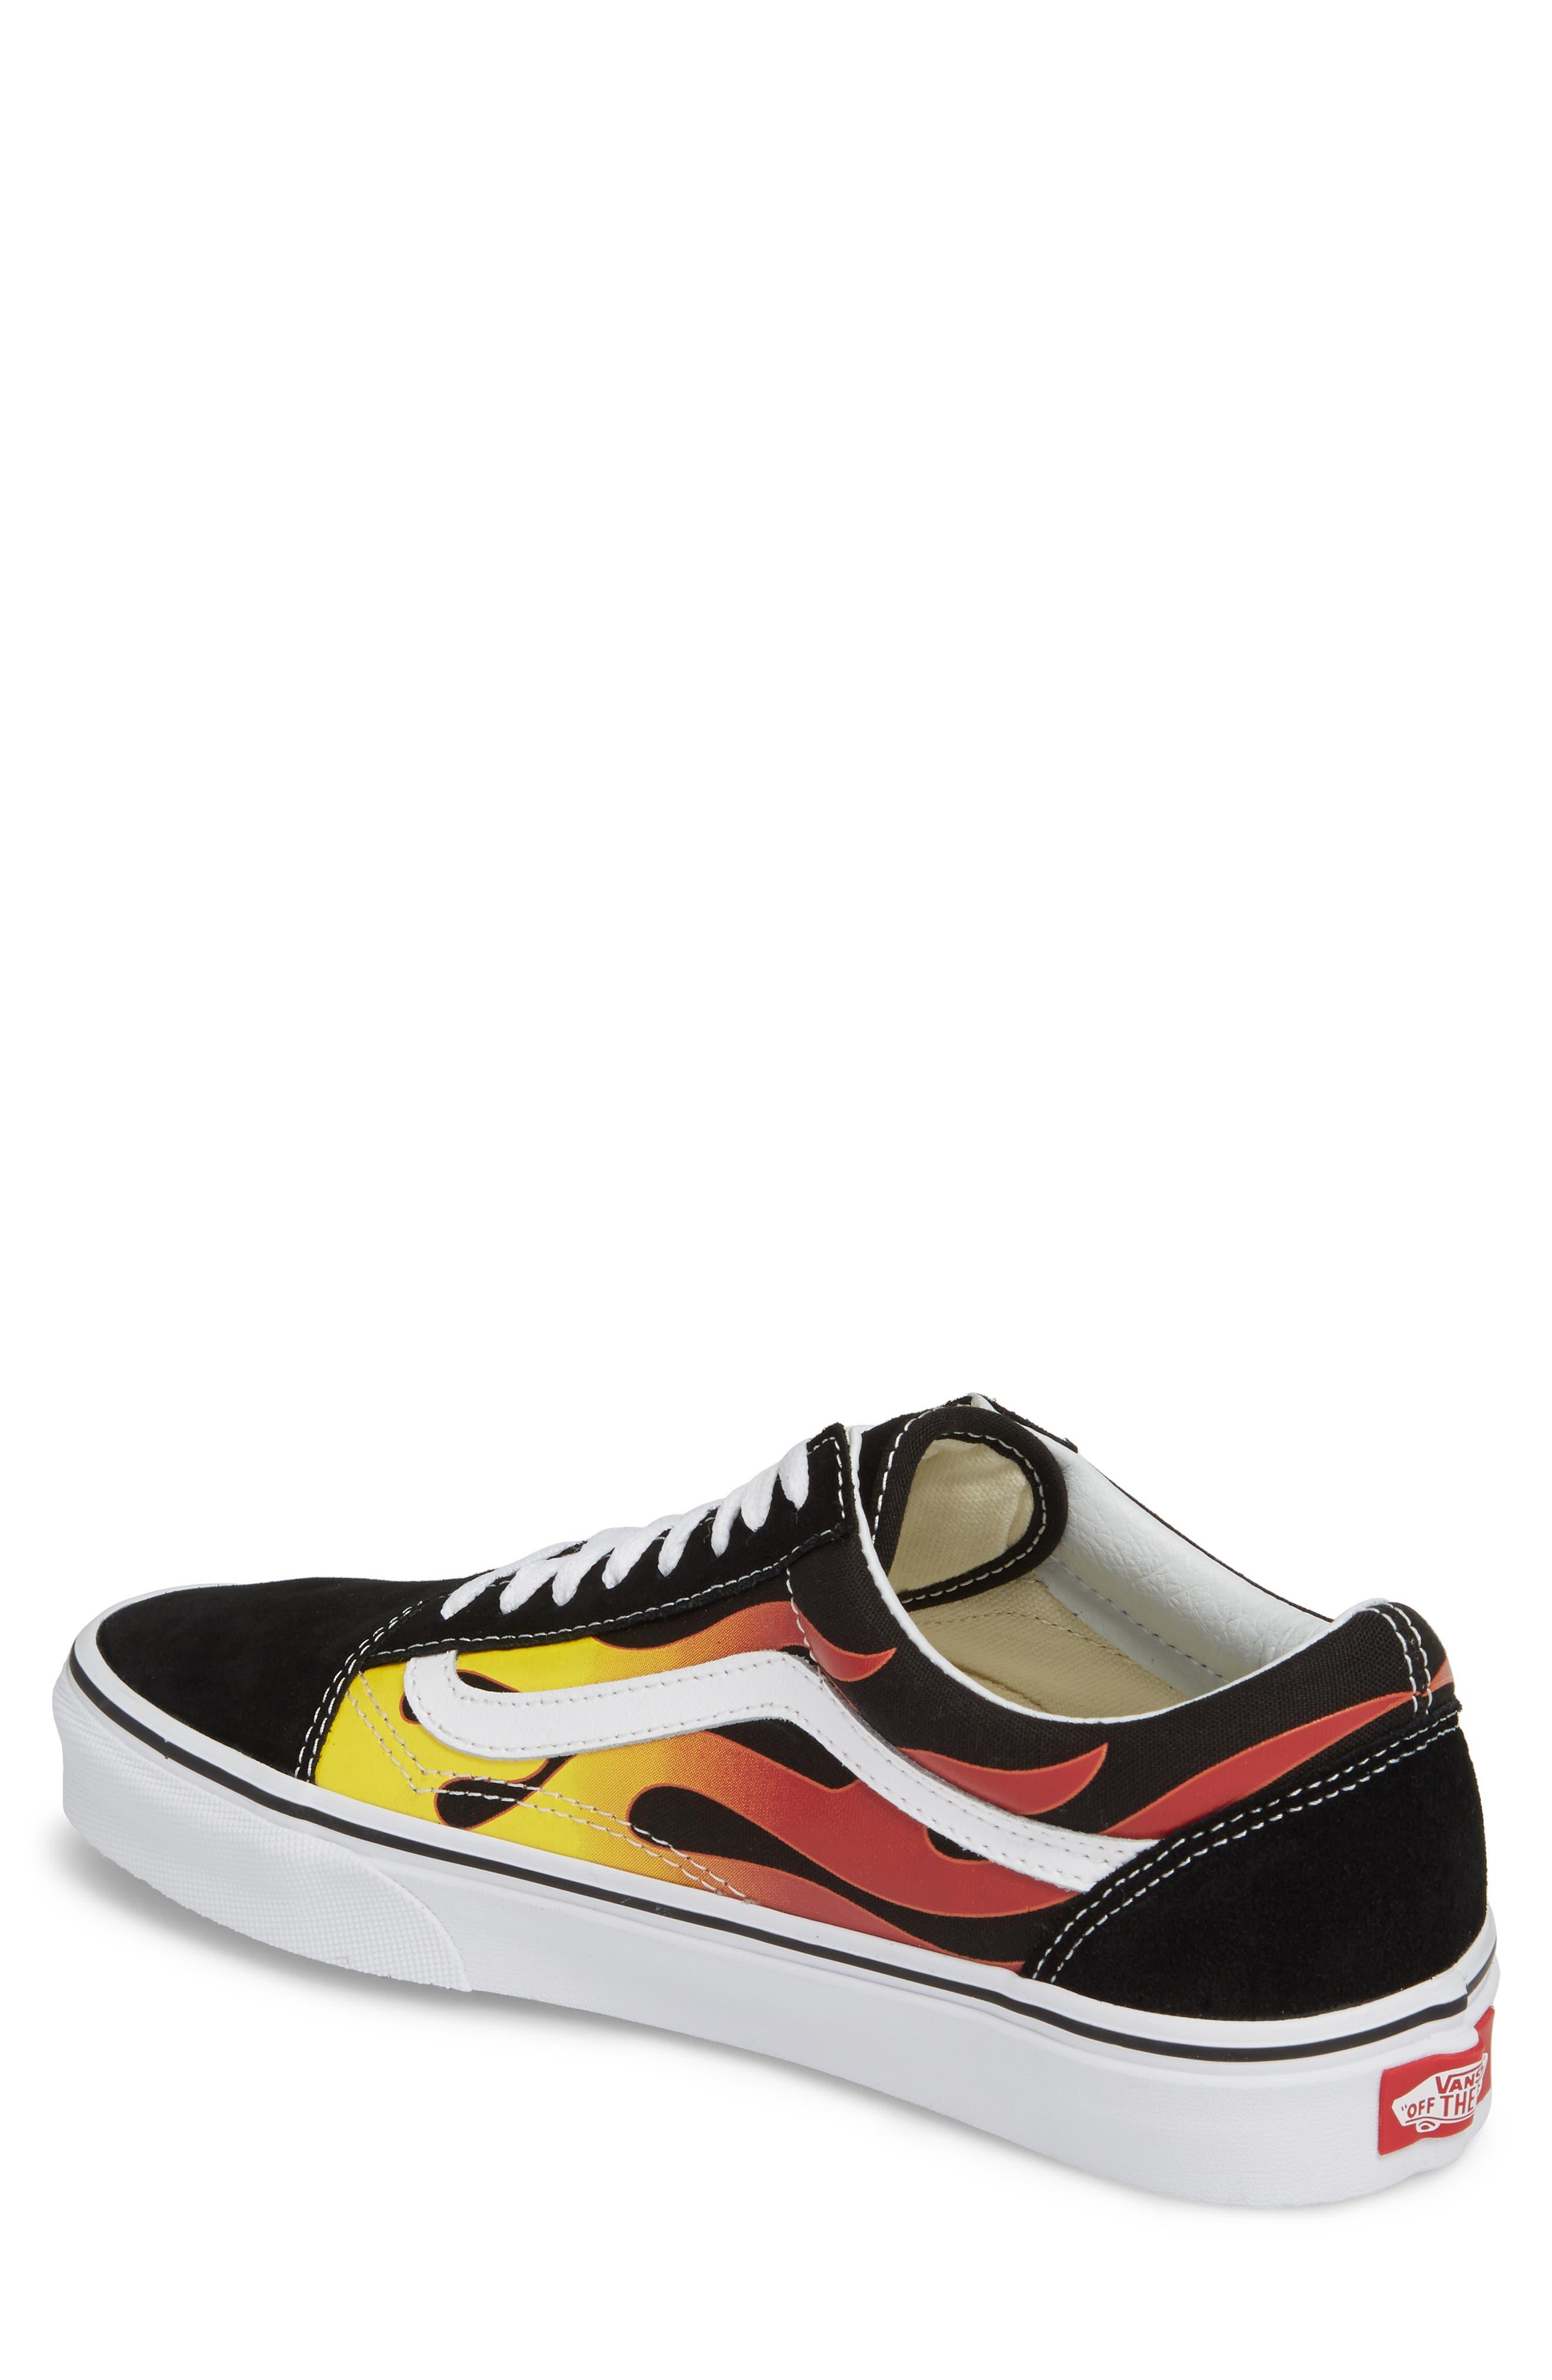 Alternate Image 2  - Vans UA Old Skool Low Top Sneaker (Men)